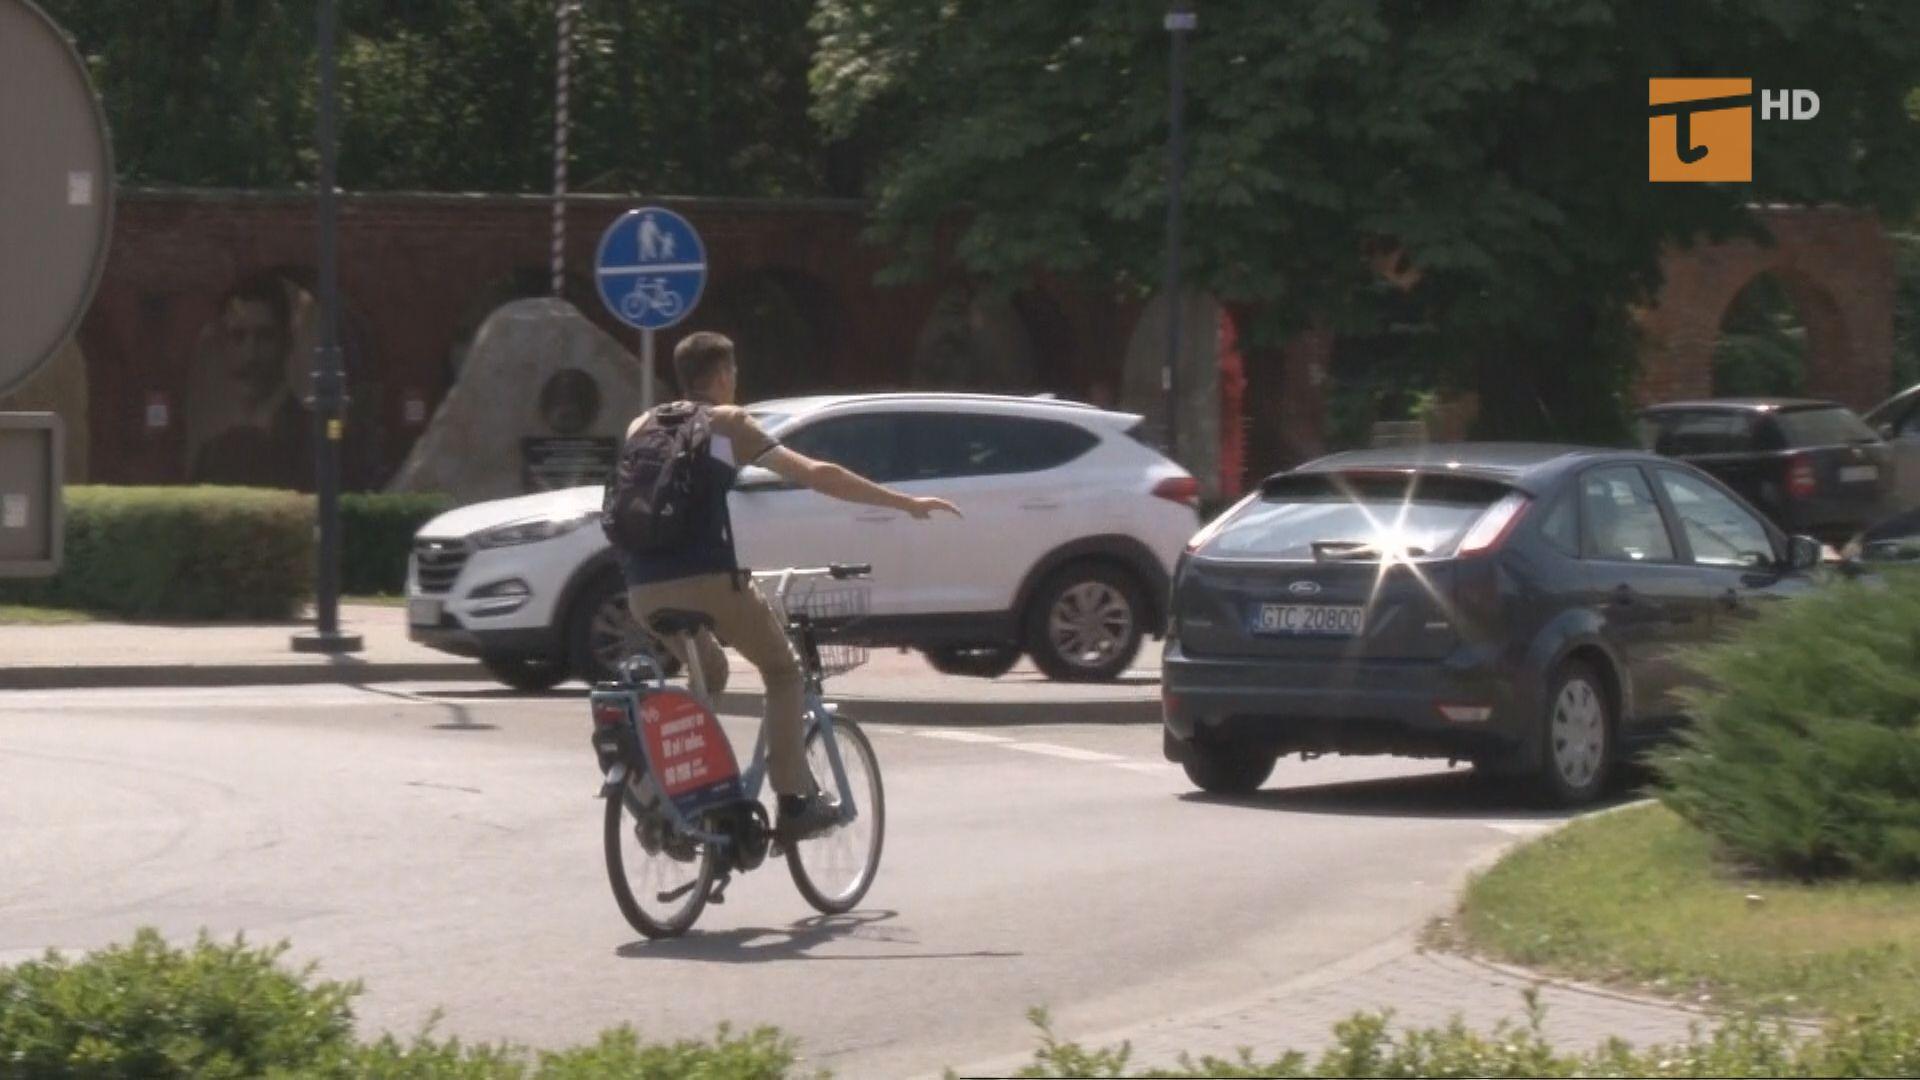 Bezpiecznie w mieście na rowerze